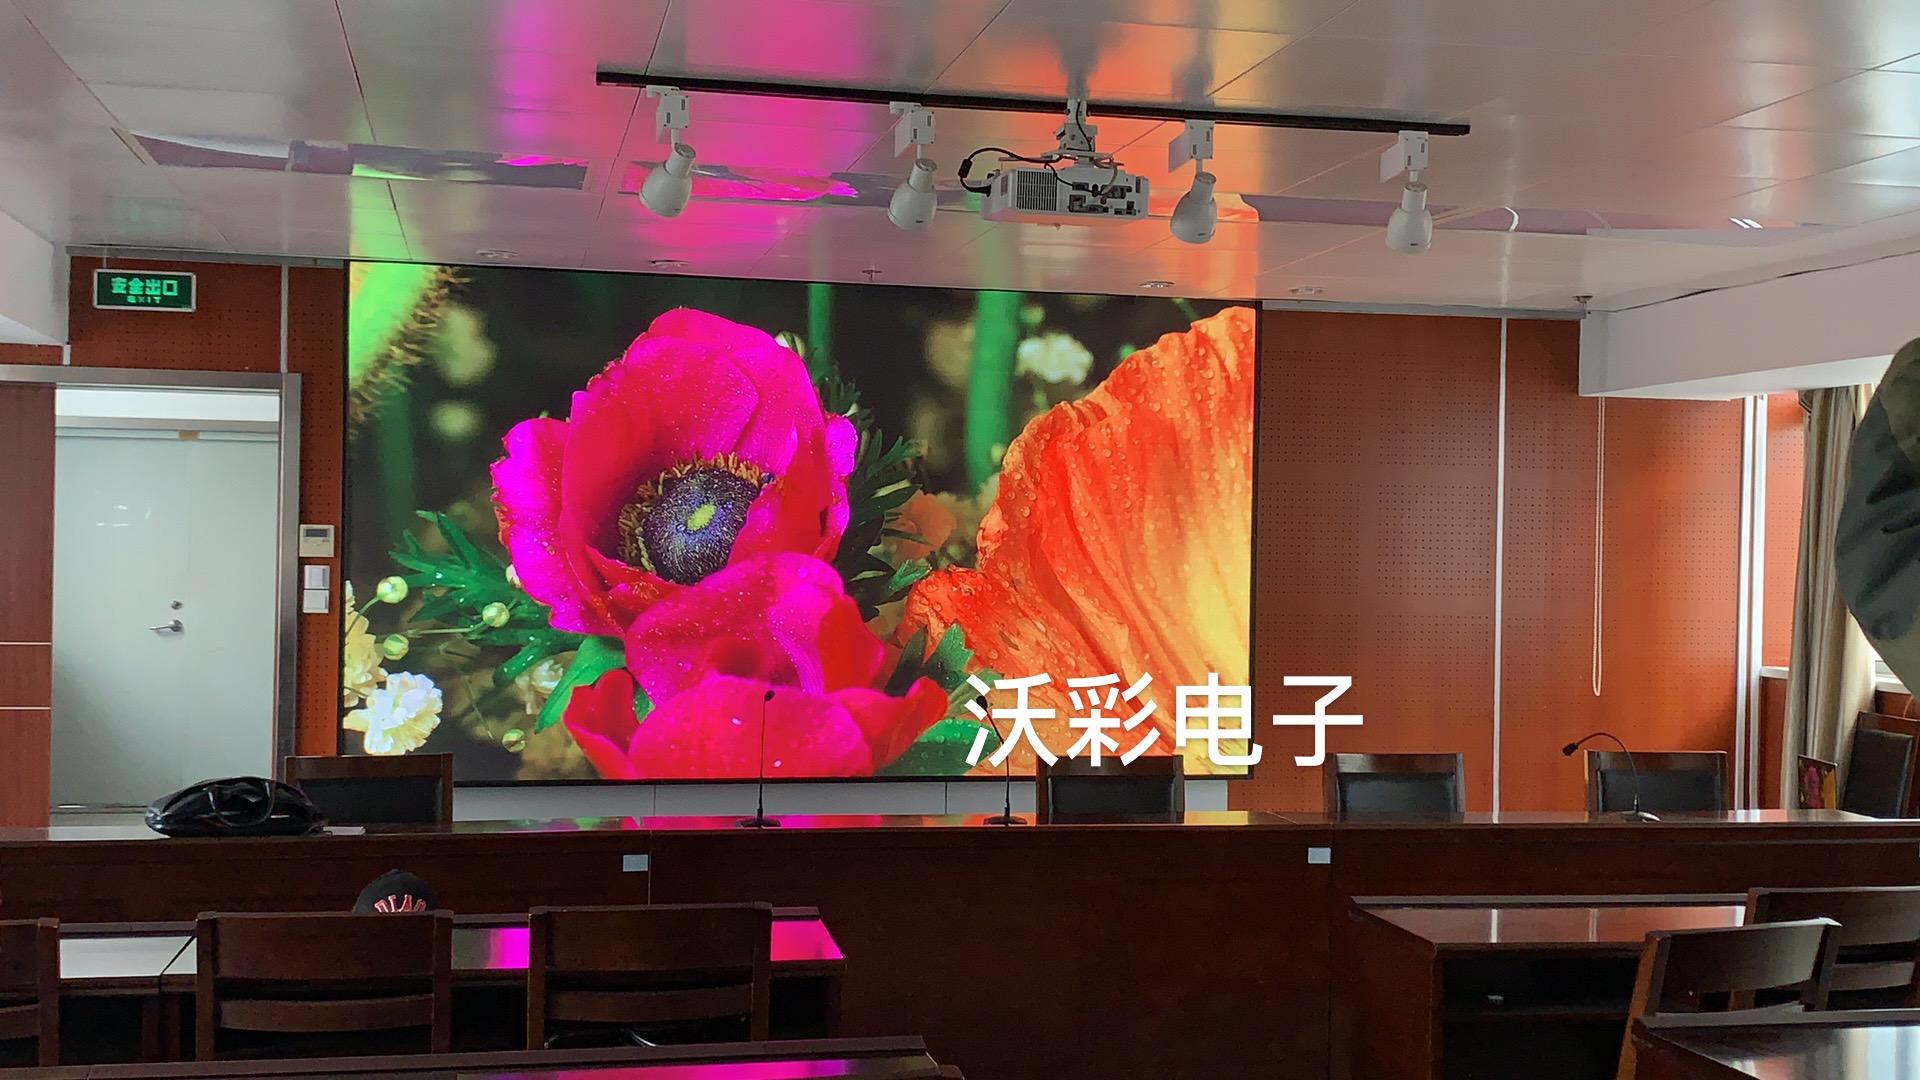 扬州液晶电视墙拼接